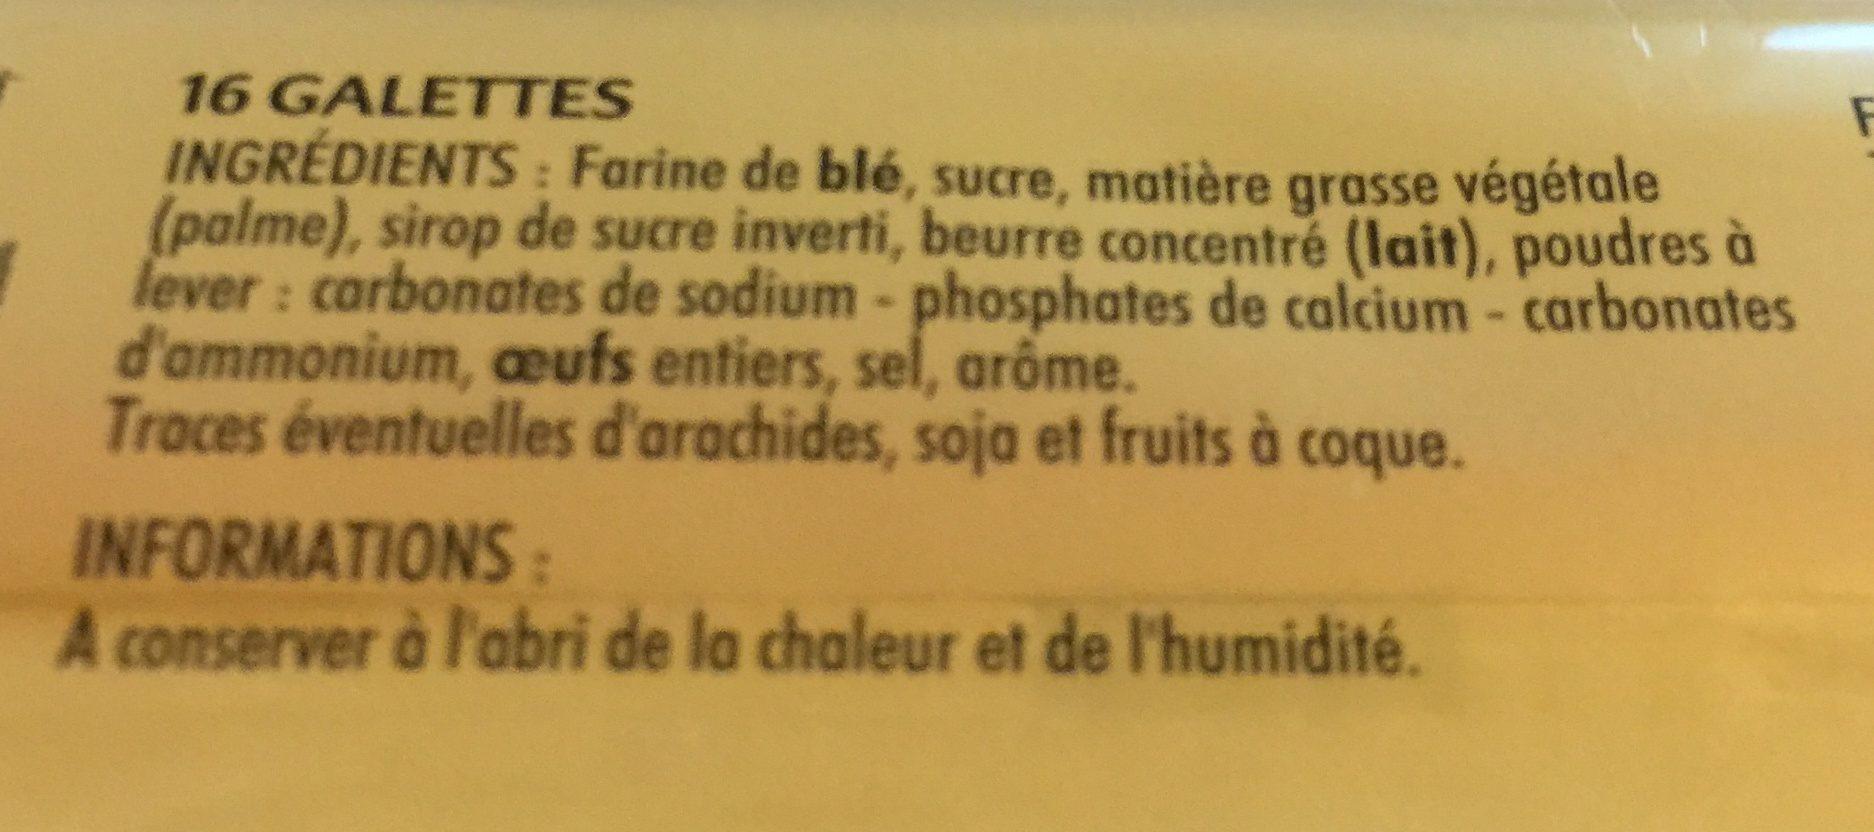 Galettes - Ingrediënten